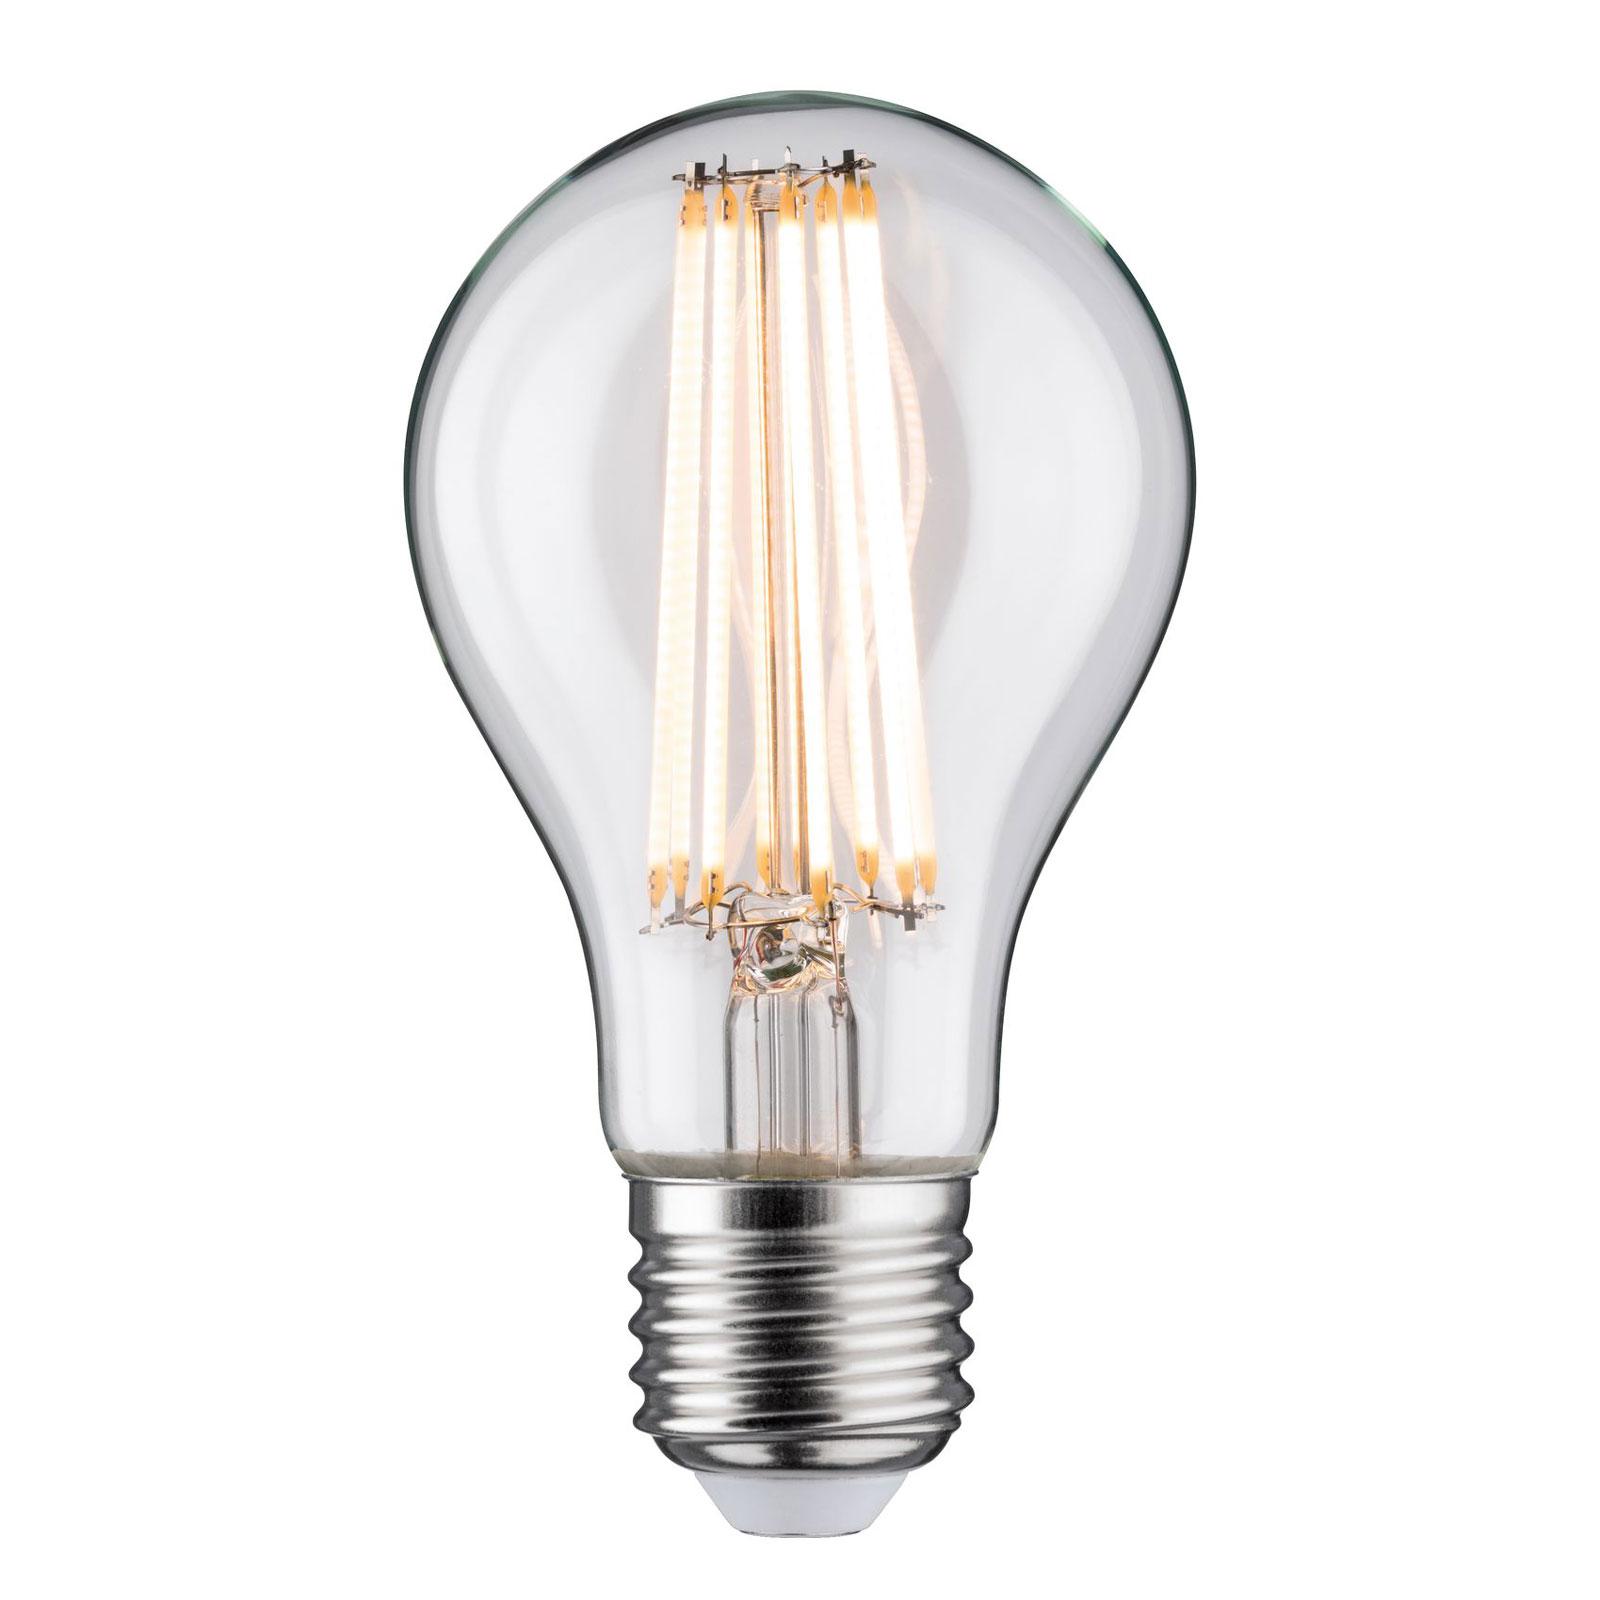 LED-pære E27 11,5W filament 2.700 K, klar